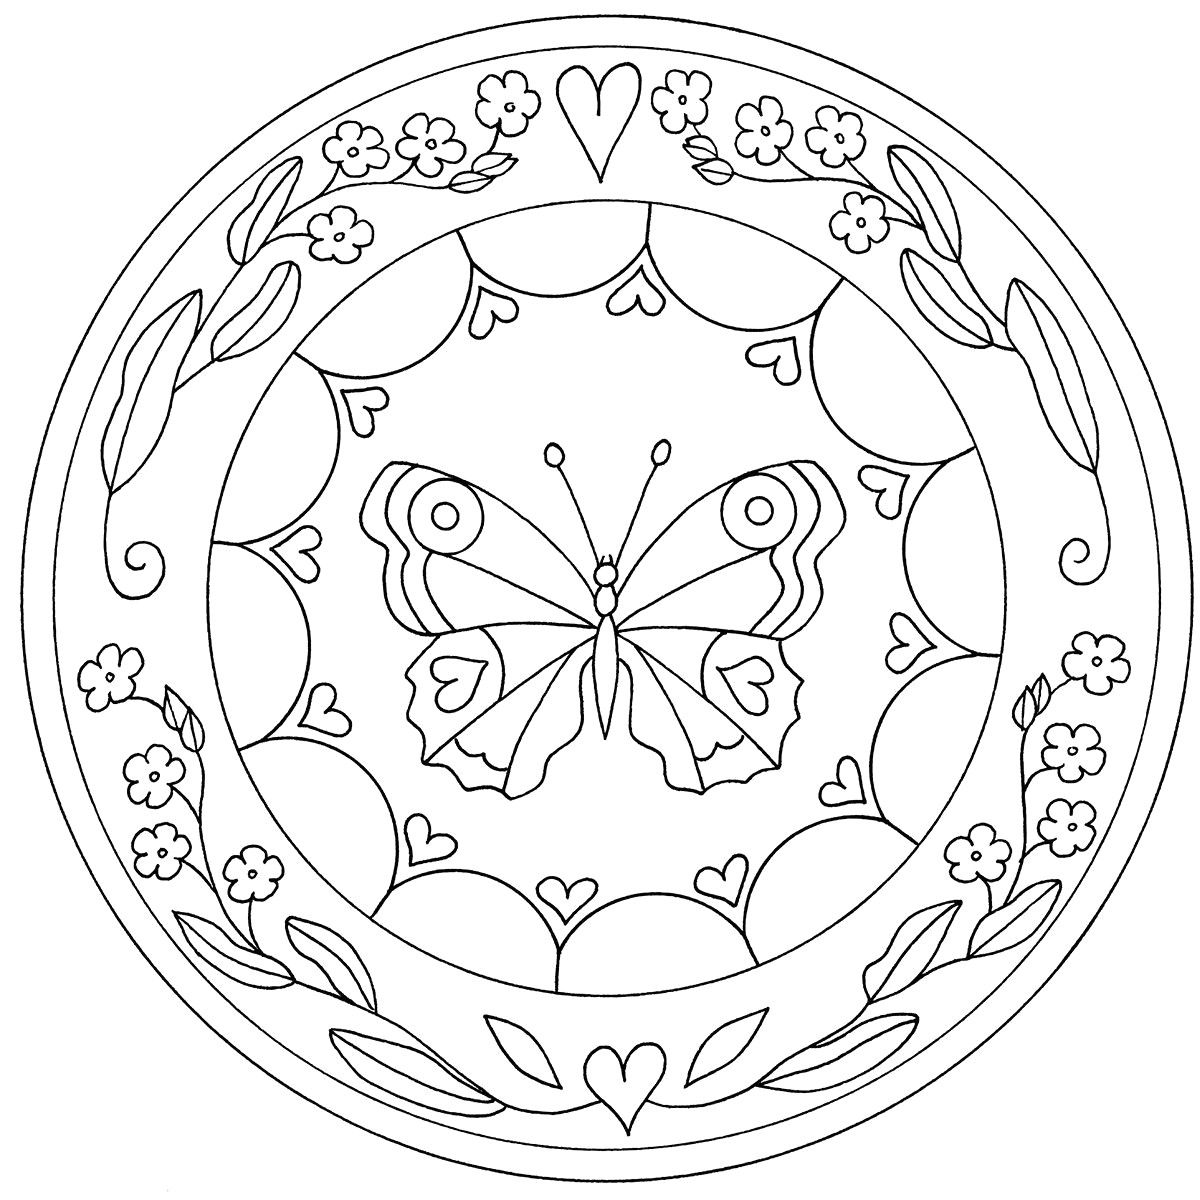 Mandala Zum Ausdrucken Mandala Zum Ausdrucken Mandala Malvorlagen Mandalas Zum Ausmalen